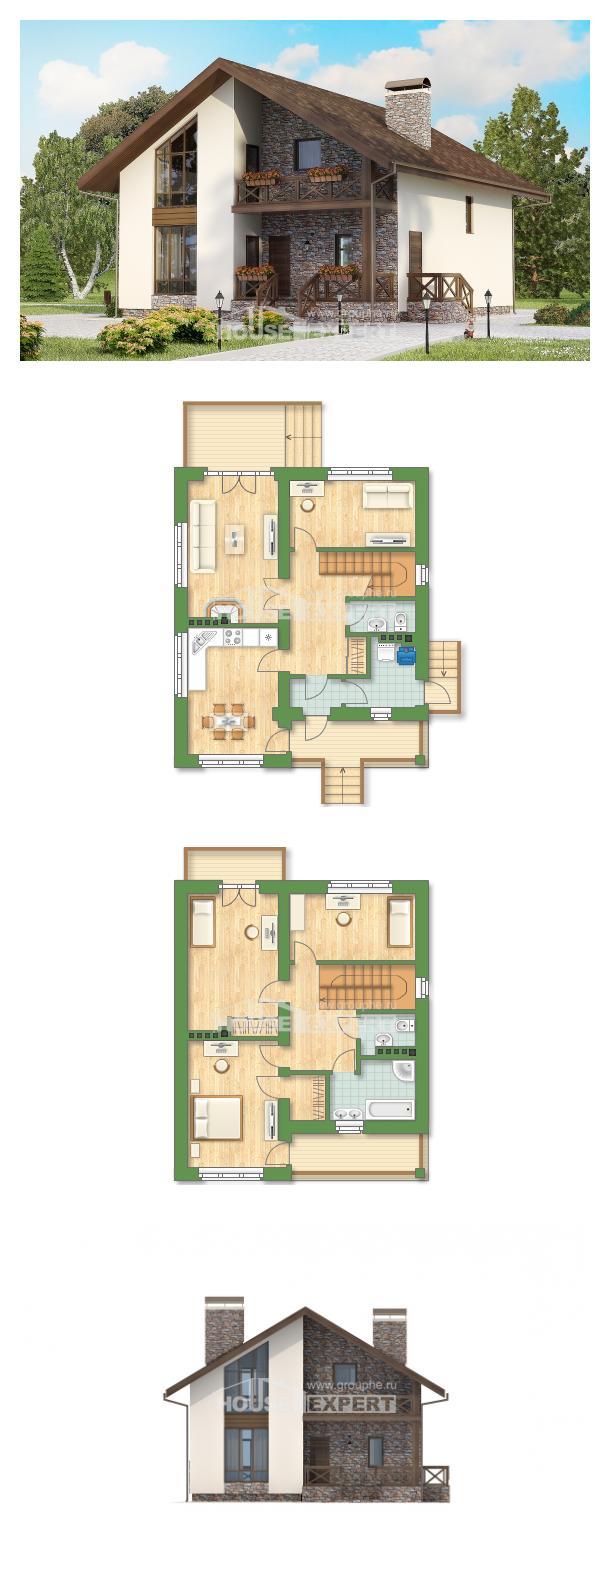 房子的设计 155-001-R | House Expert